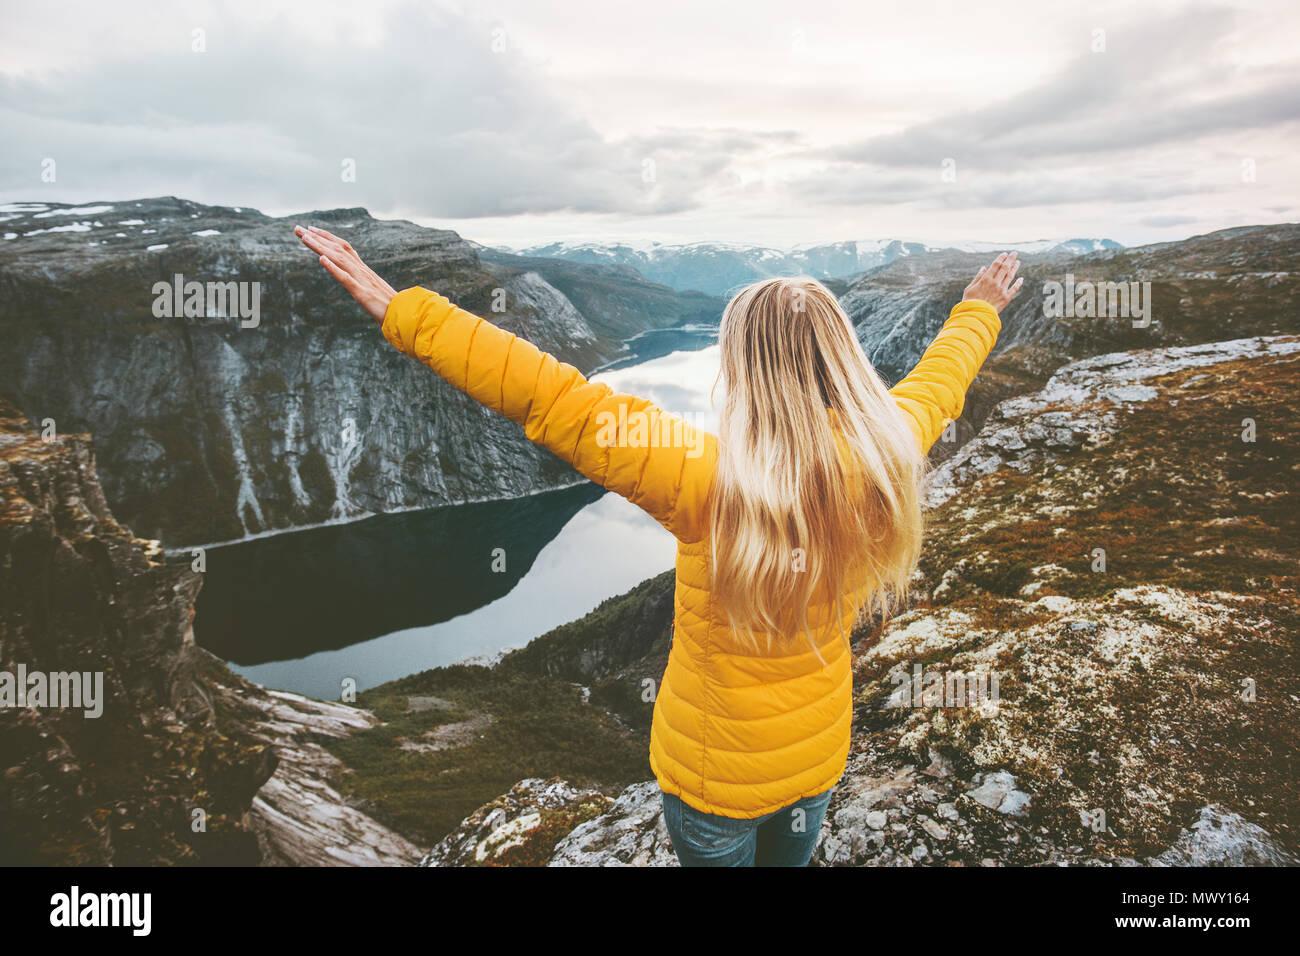 Reise in den Bergen alleinreisende Frau glücklich erhobenen Händen genießen Landschaft Abenteuer lifestyle Reise ferien Erfolg Harmonie mit der Natur Emotionen Stockbild